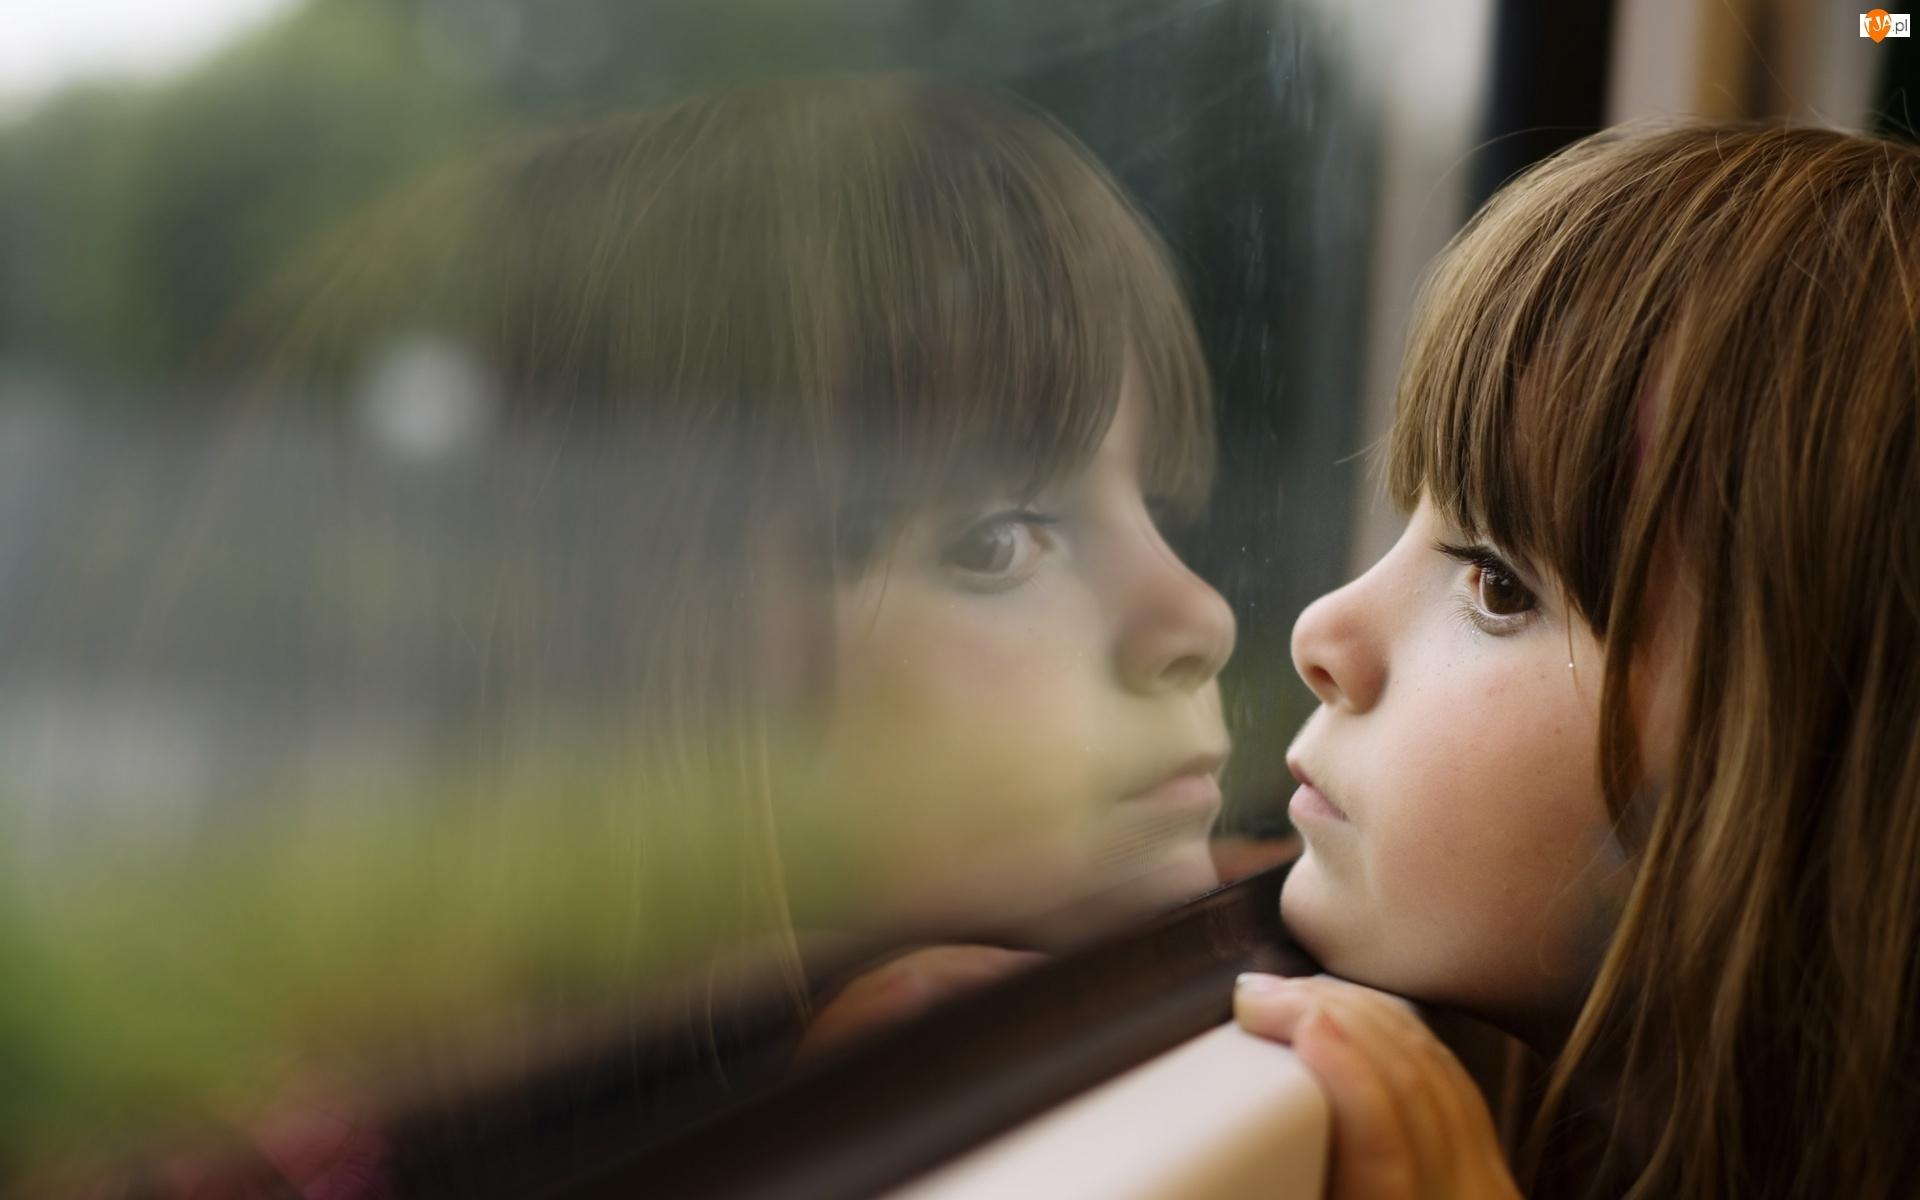 Odbicie, Dziecko, Okno, Dziewczynka, Szyba